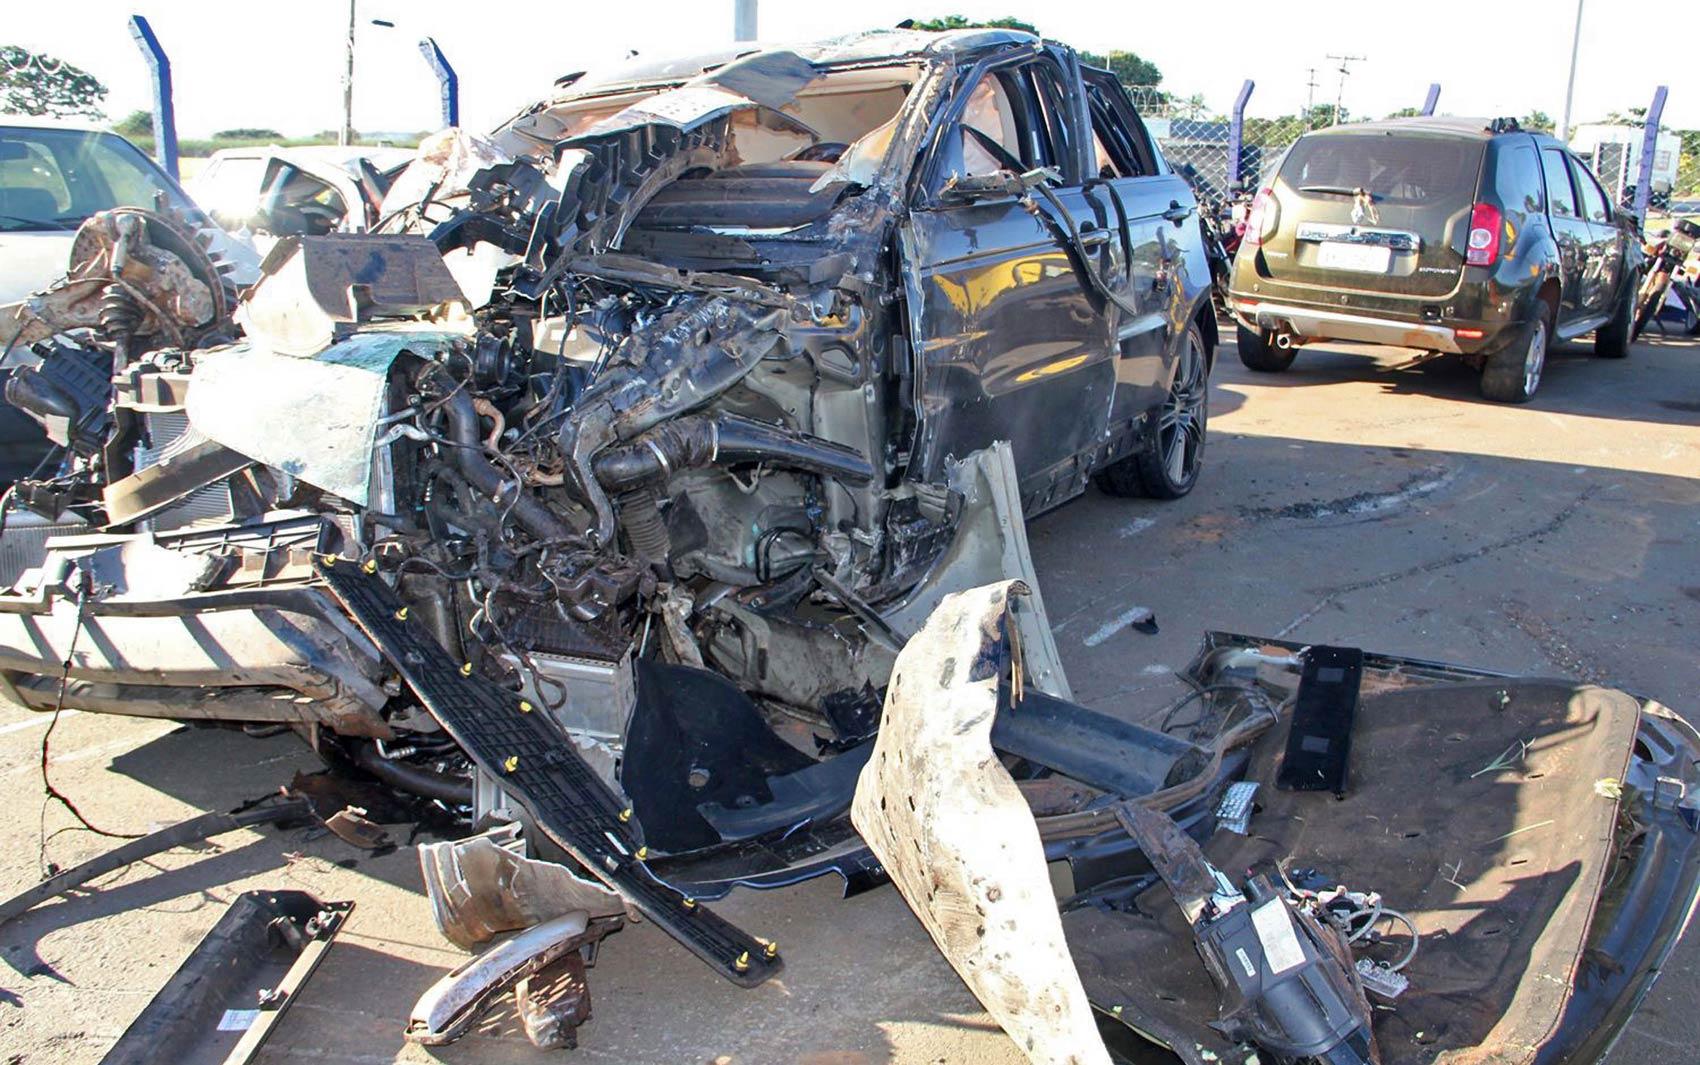 Carro do cantor Cristiano Araújo, um Range Rover, foi levado destruído para pátio da Polícia Rodoviária Federal em Goiás após o acidente que tirou a vida do cantor e da namorada dele, Allana Moraes, na BR-153